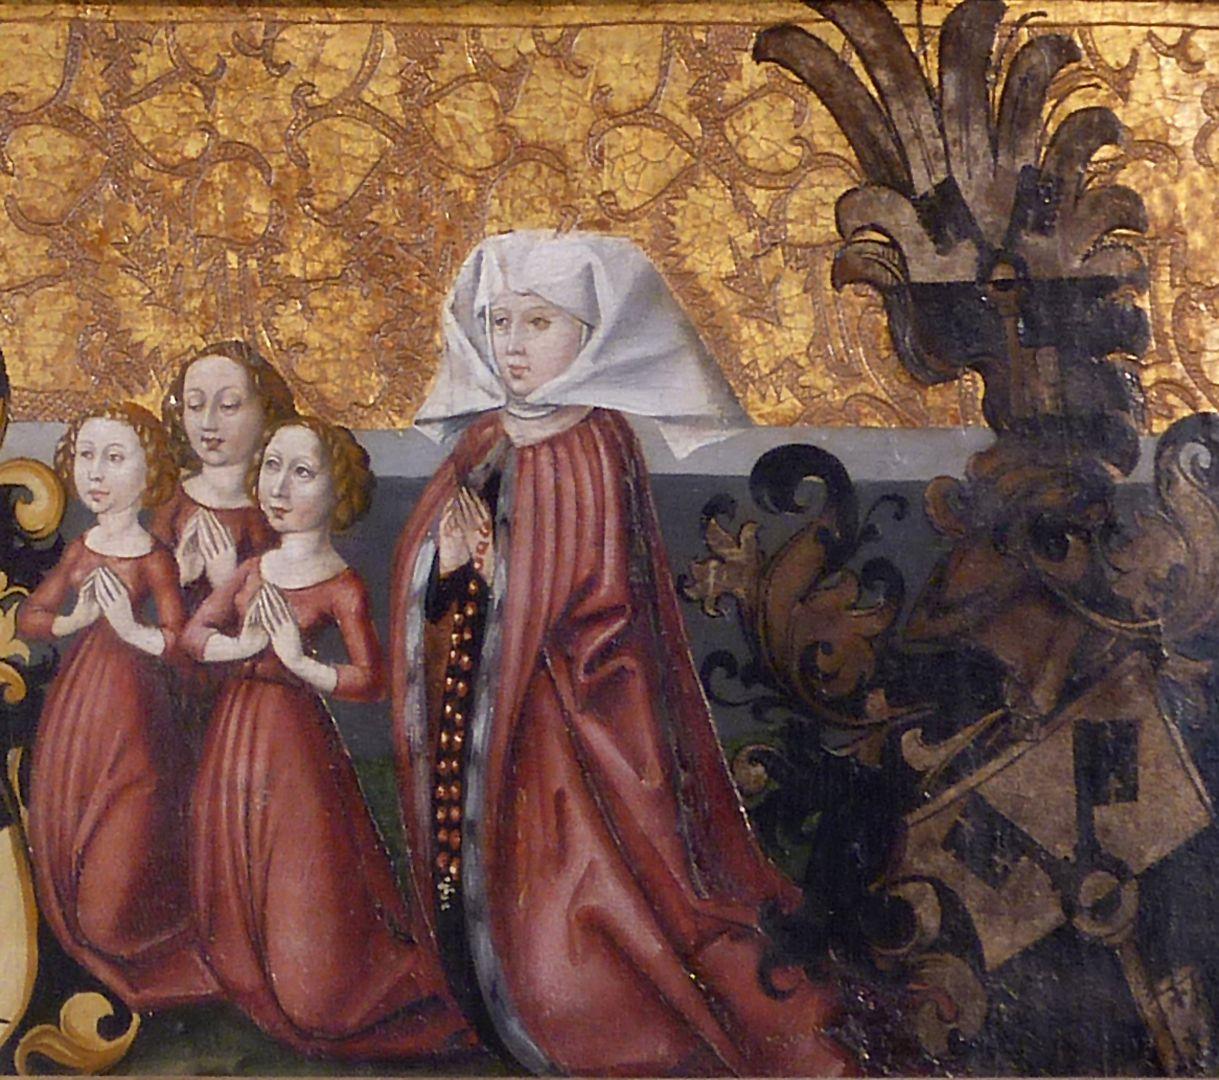 Himmelfahrt Christi Katharina Schlüsselfelder (gestorben am 29. Mai 1474), die erste Ehefrau von Sigmund Fürer mit ihren Töchtern und dem Schlüsselfelderwappen (Heirat am 9. November 1467)